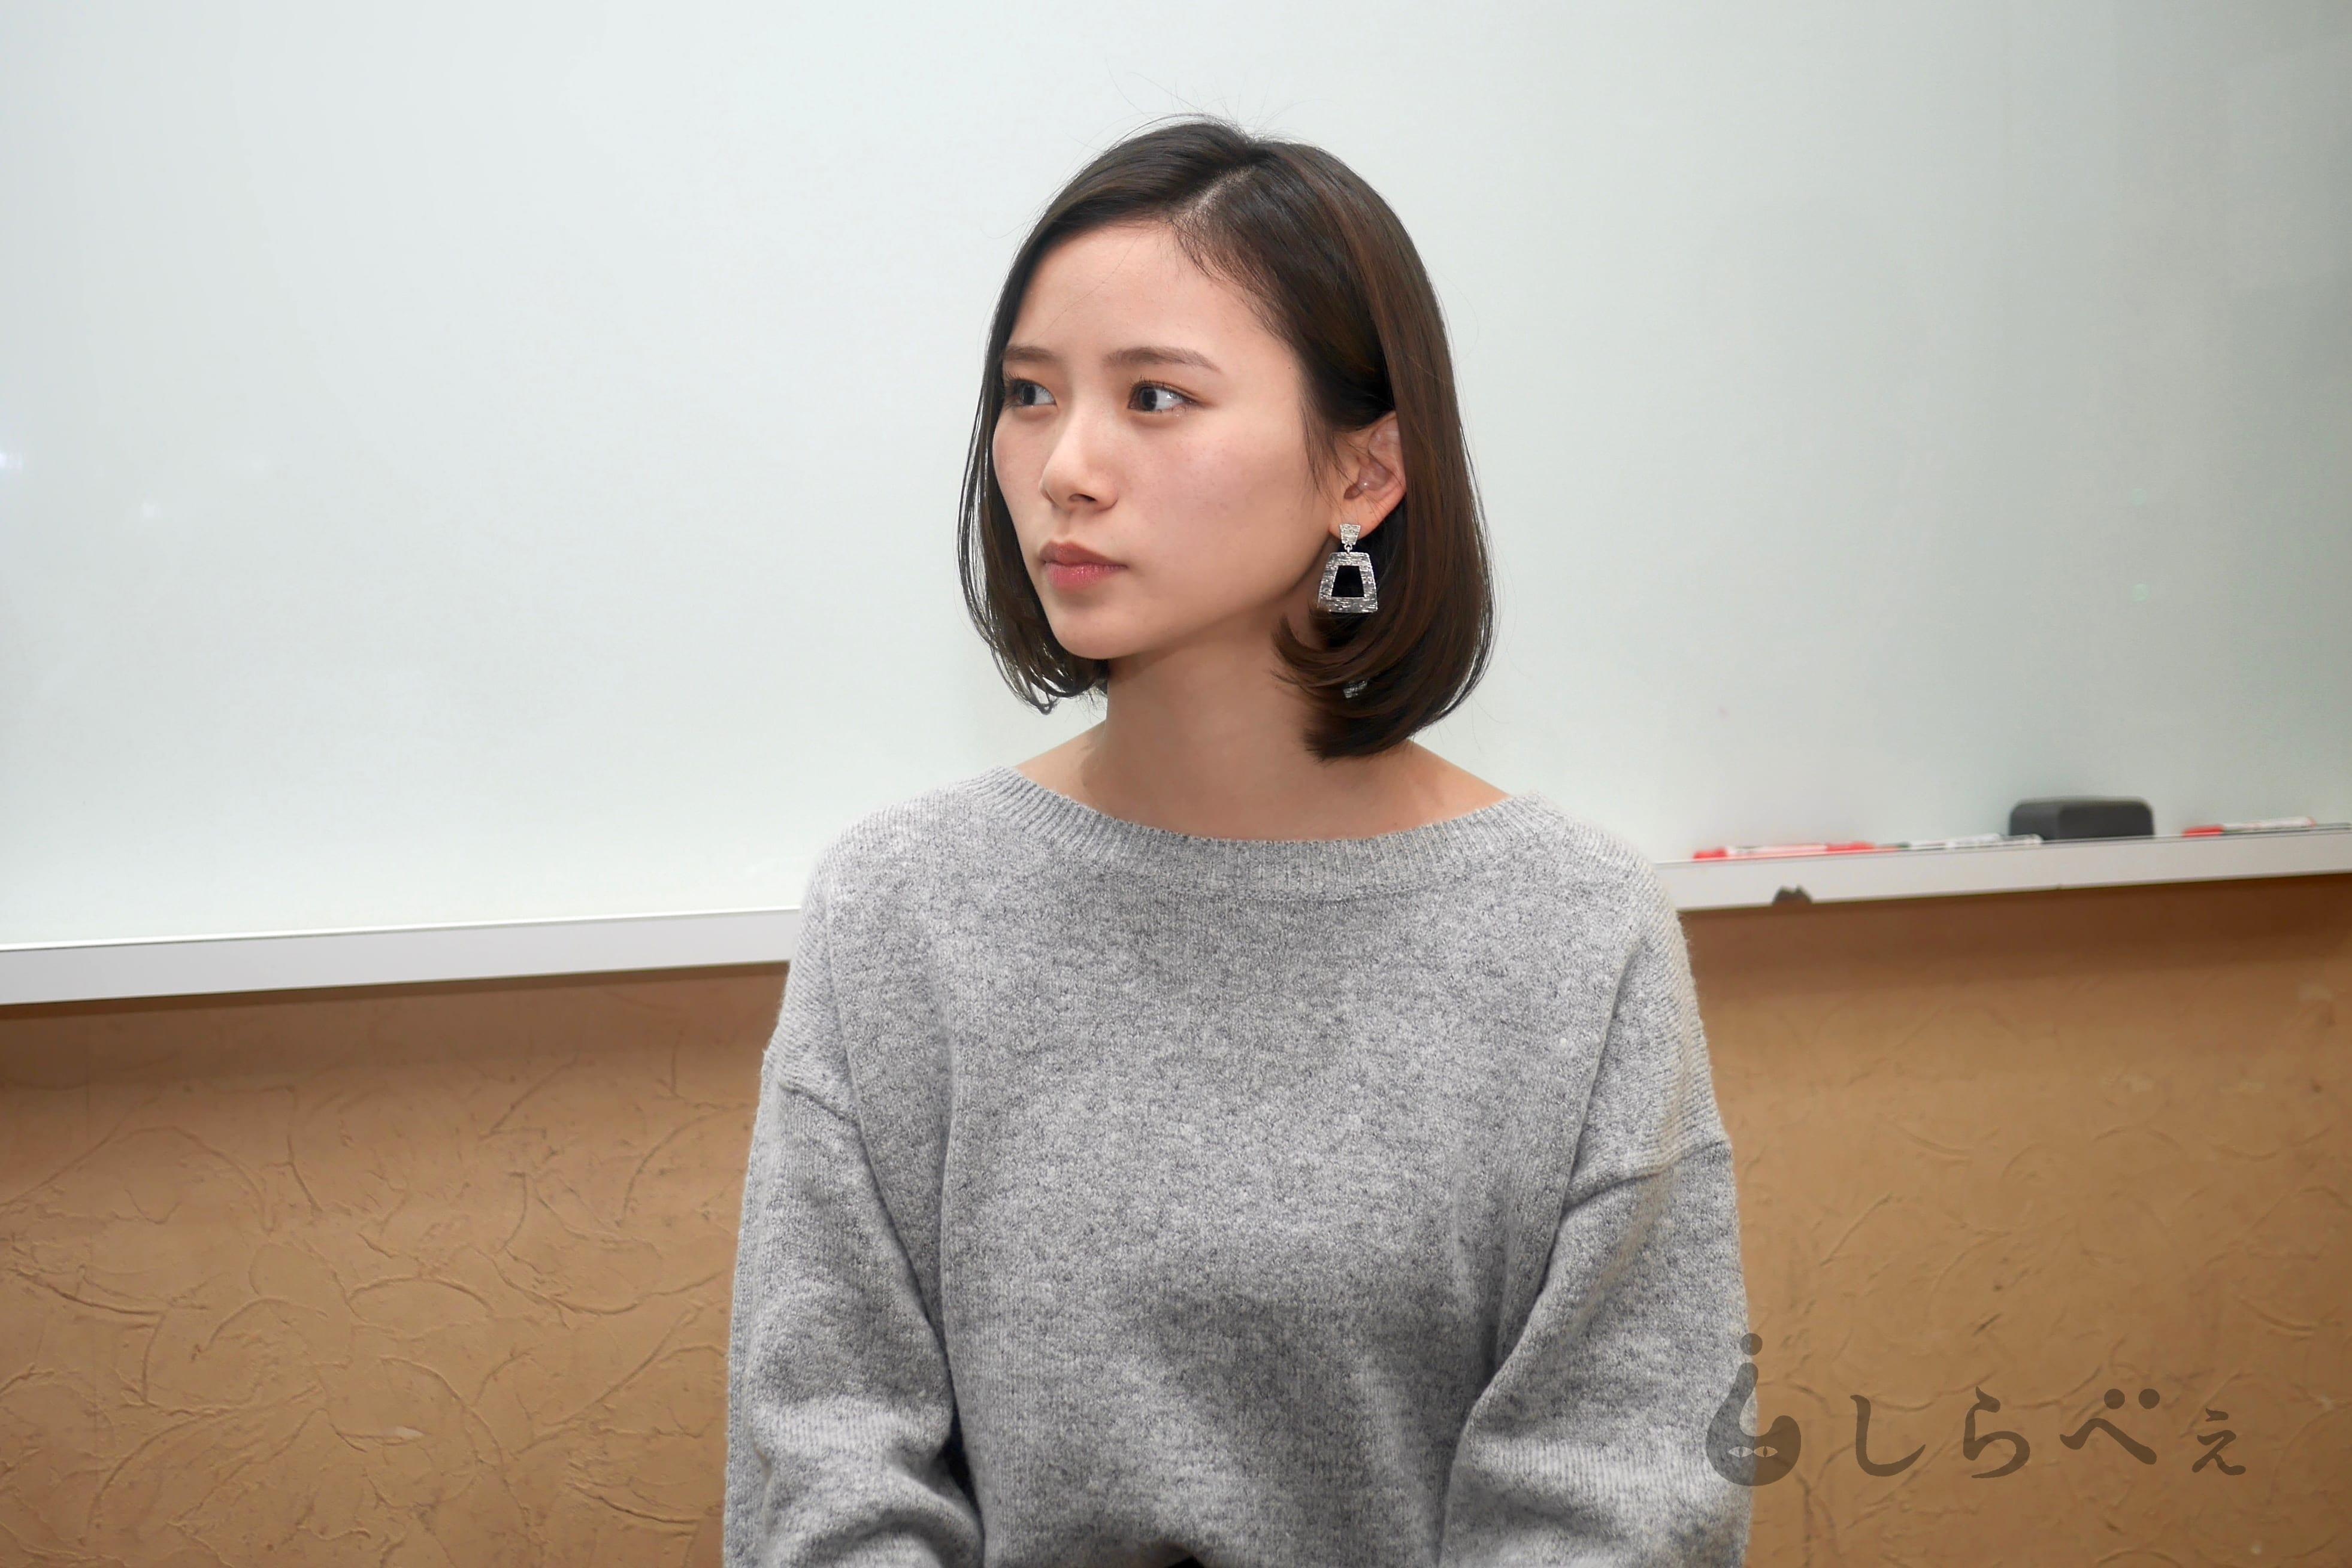 「日本にDTブームを」 MC徳井が「童貞が集まる新番組」にかける思いは - 朝日奈央